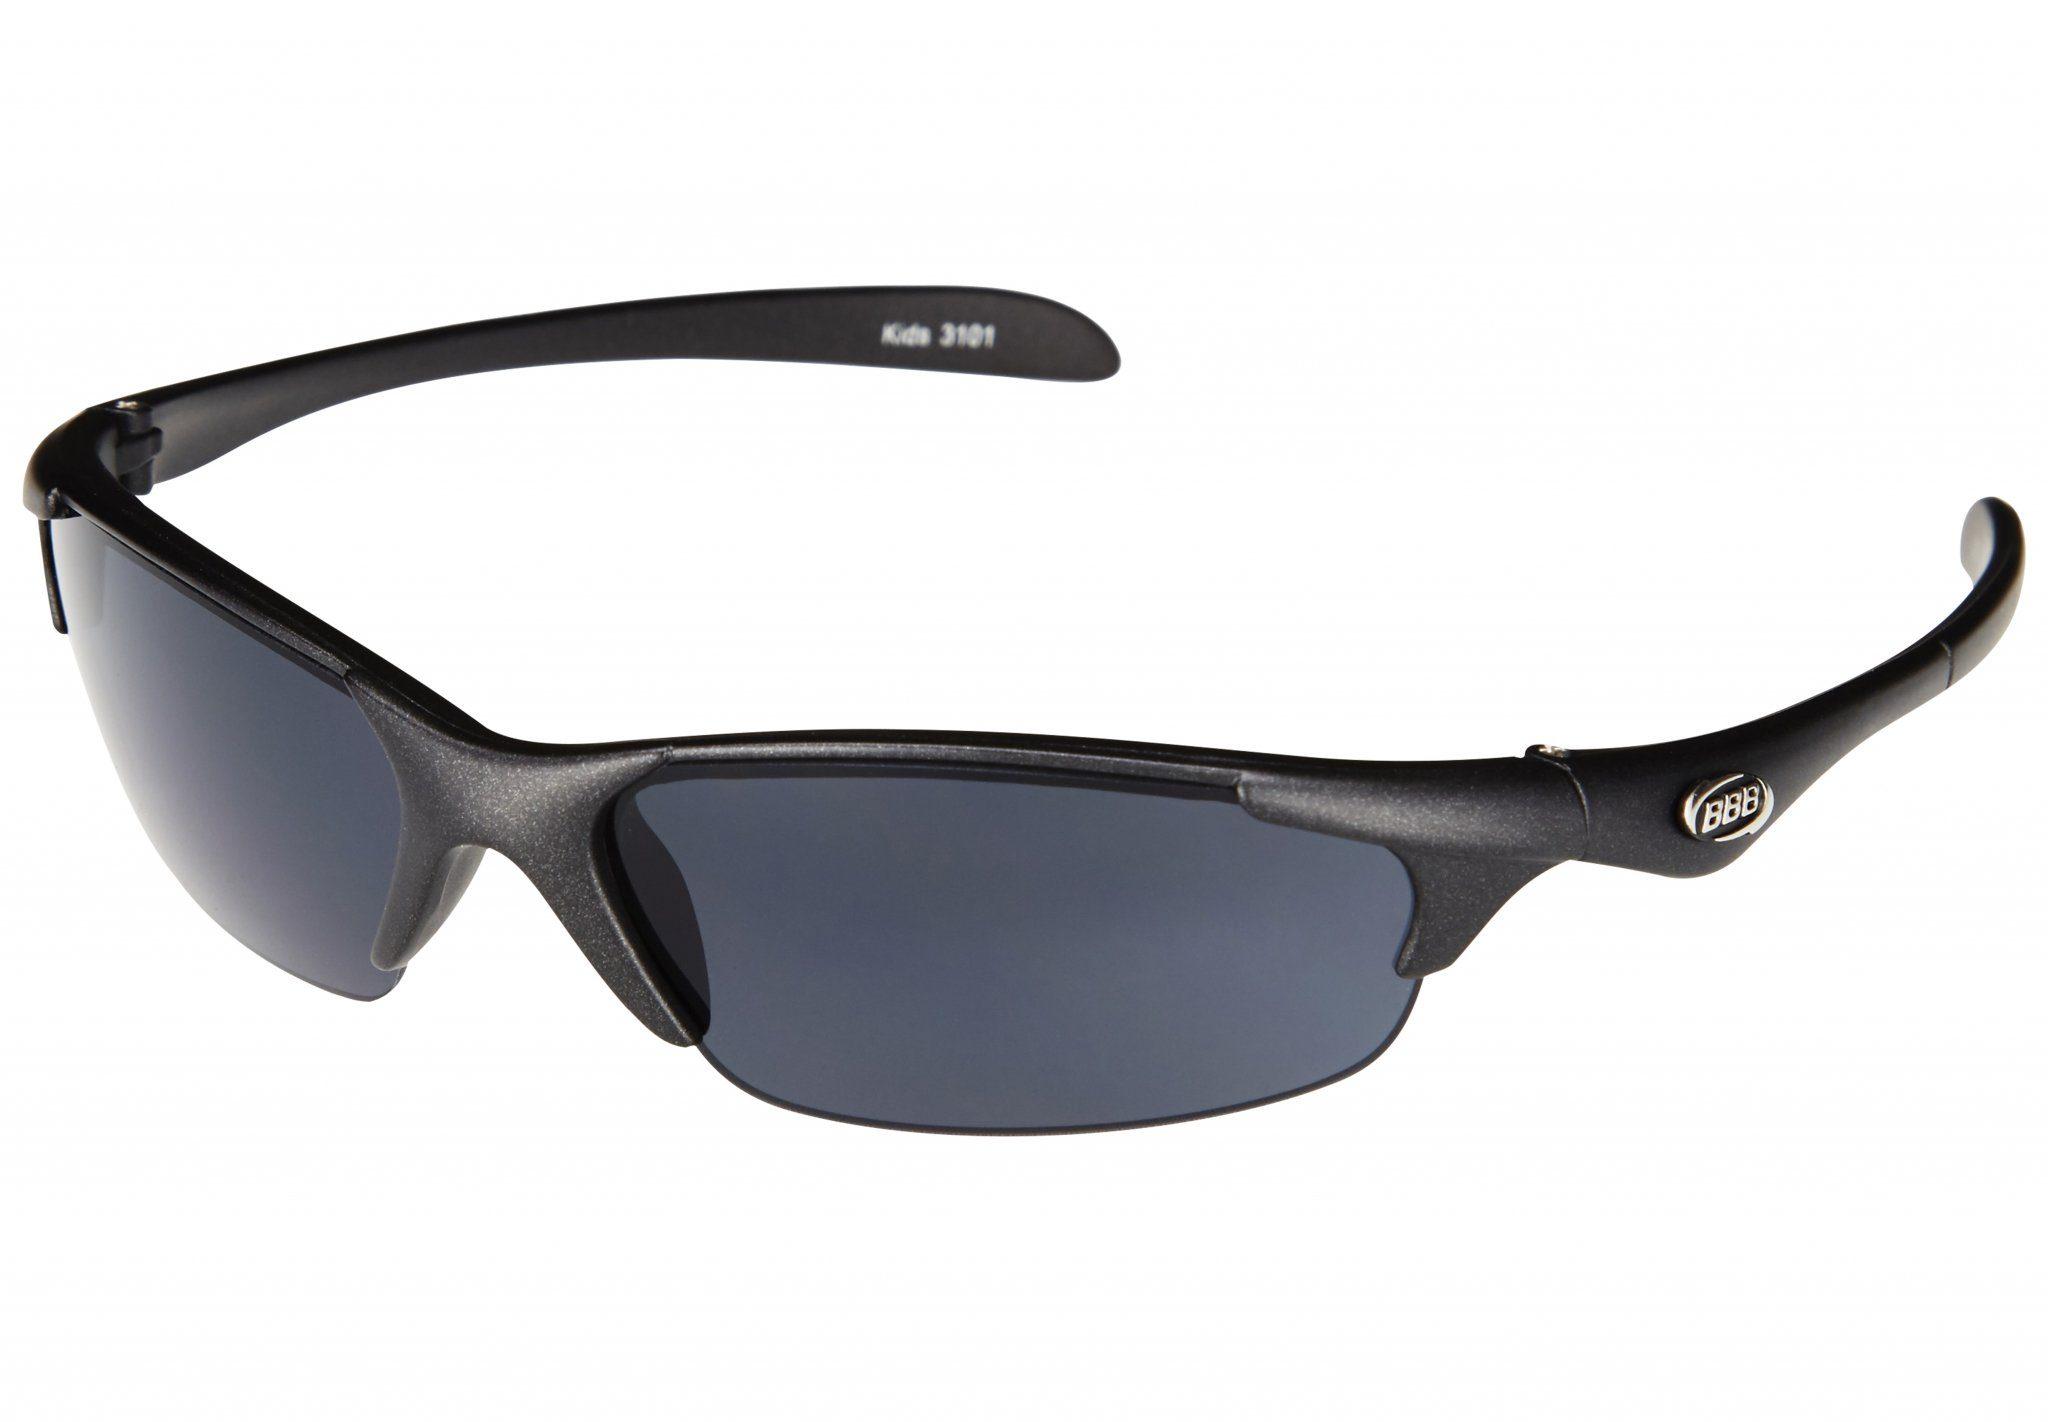 BBB Radsportbrille »BSG-31 Sonnenbrille Kids«